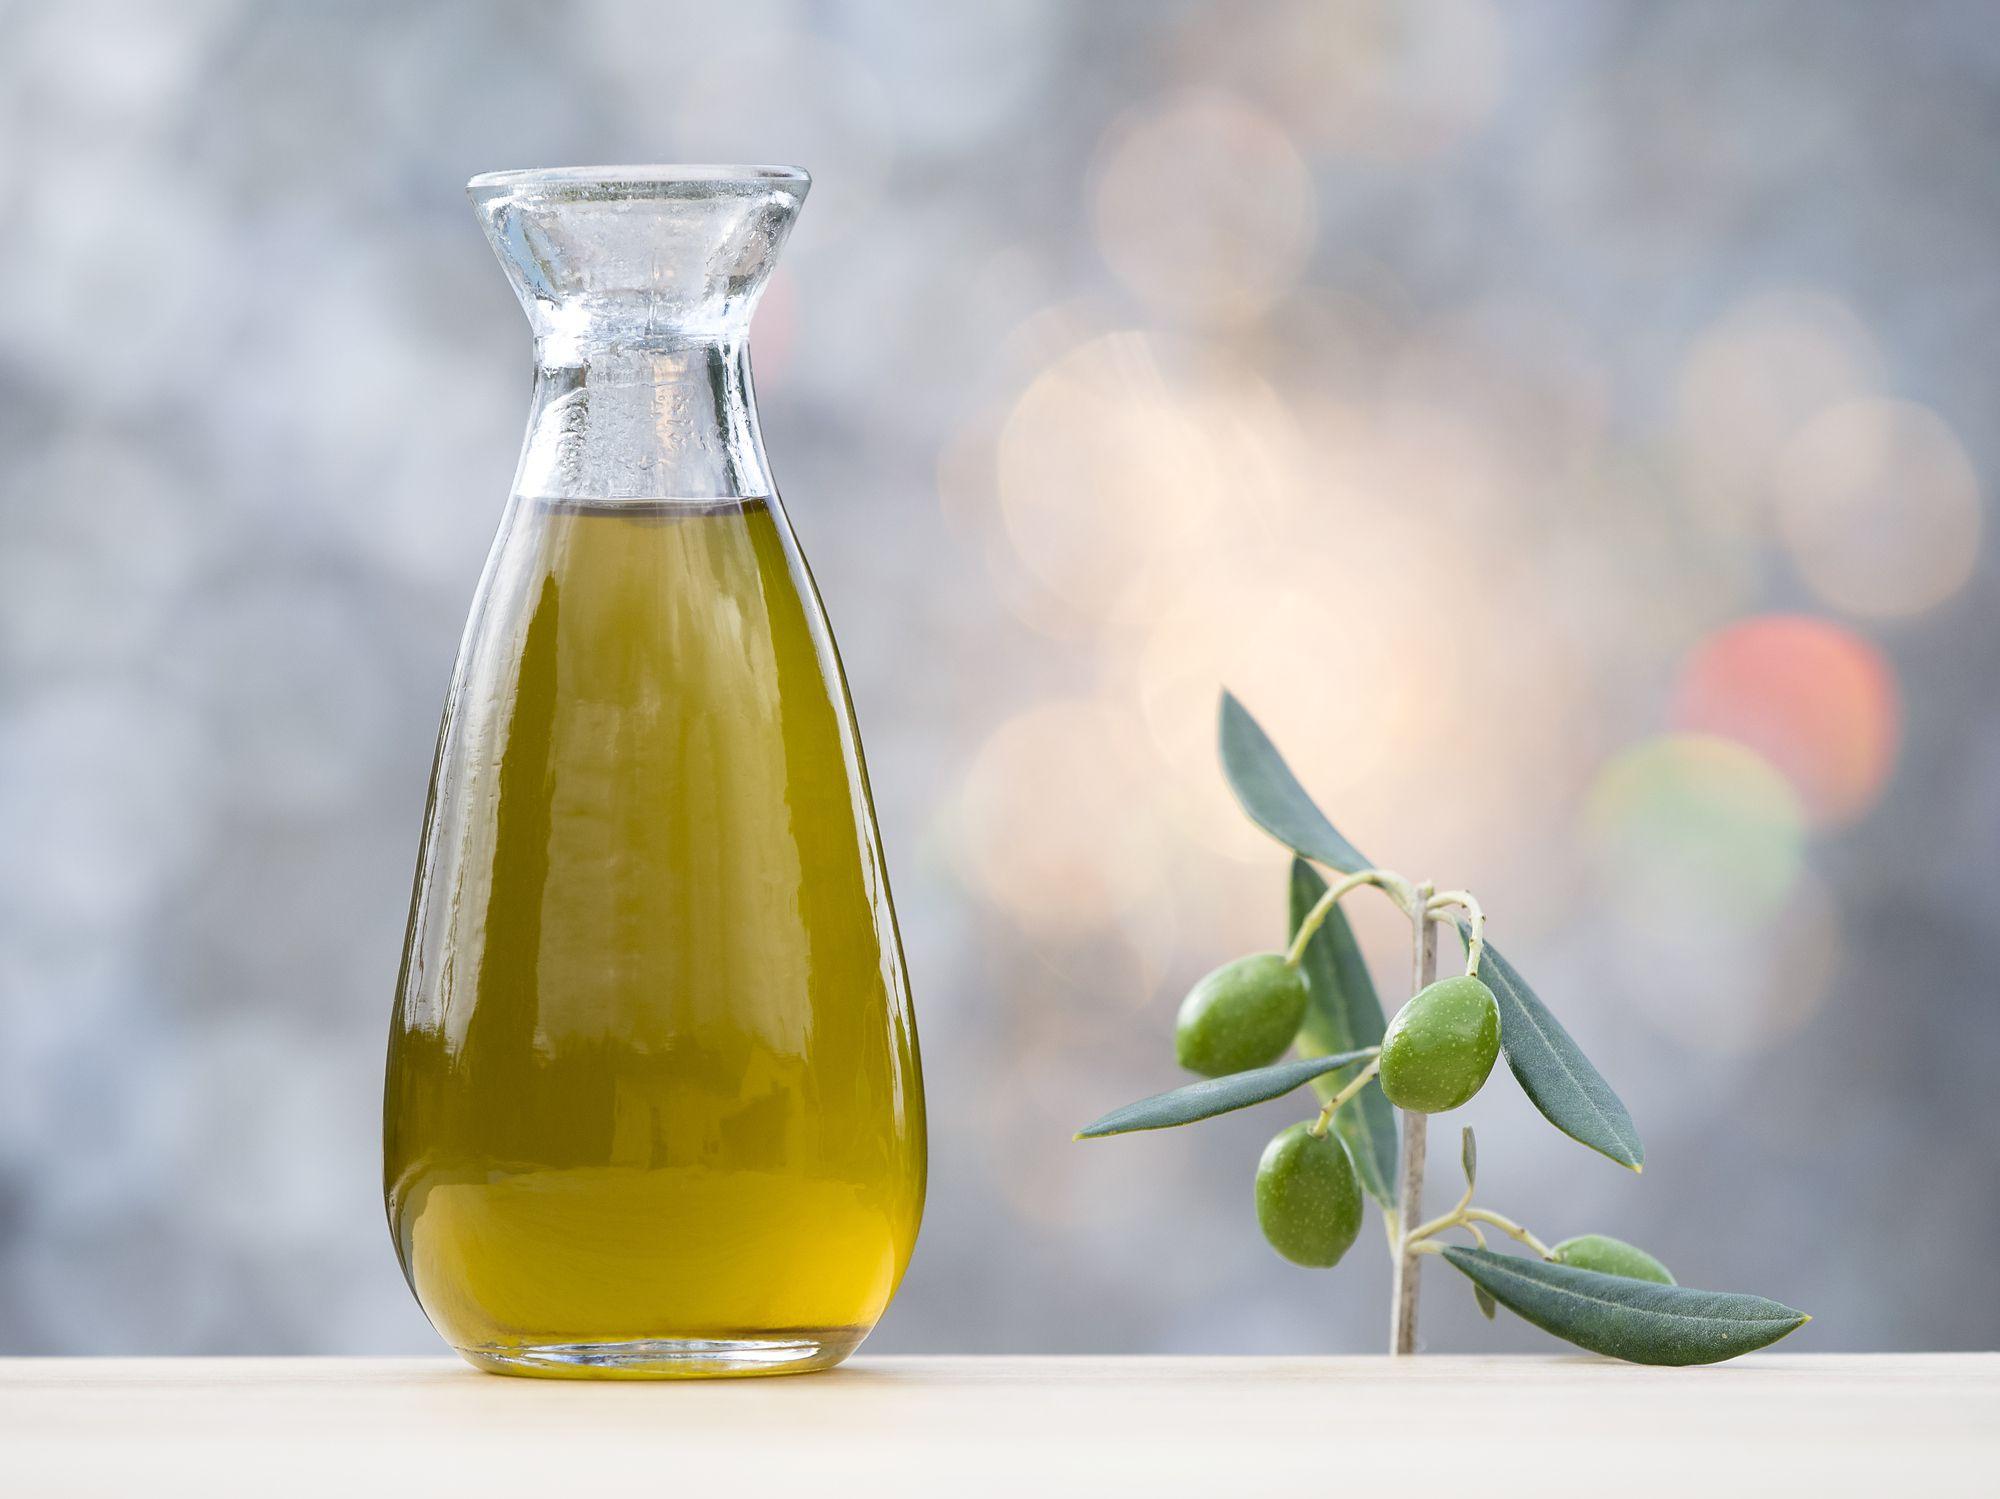 оливковое масло как хранить